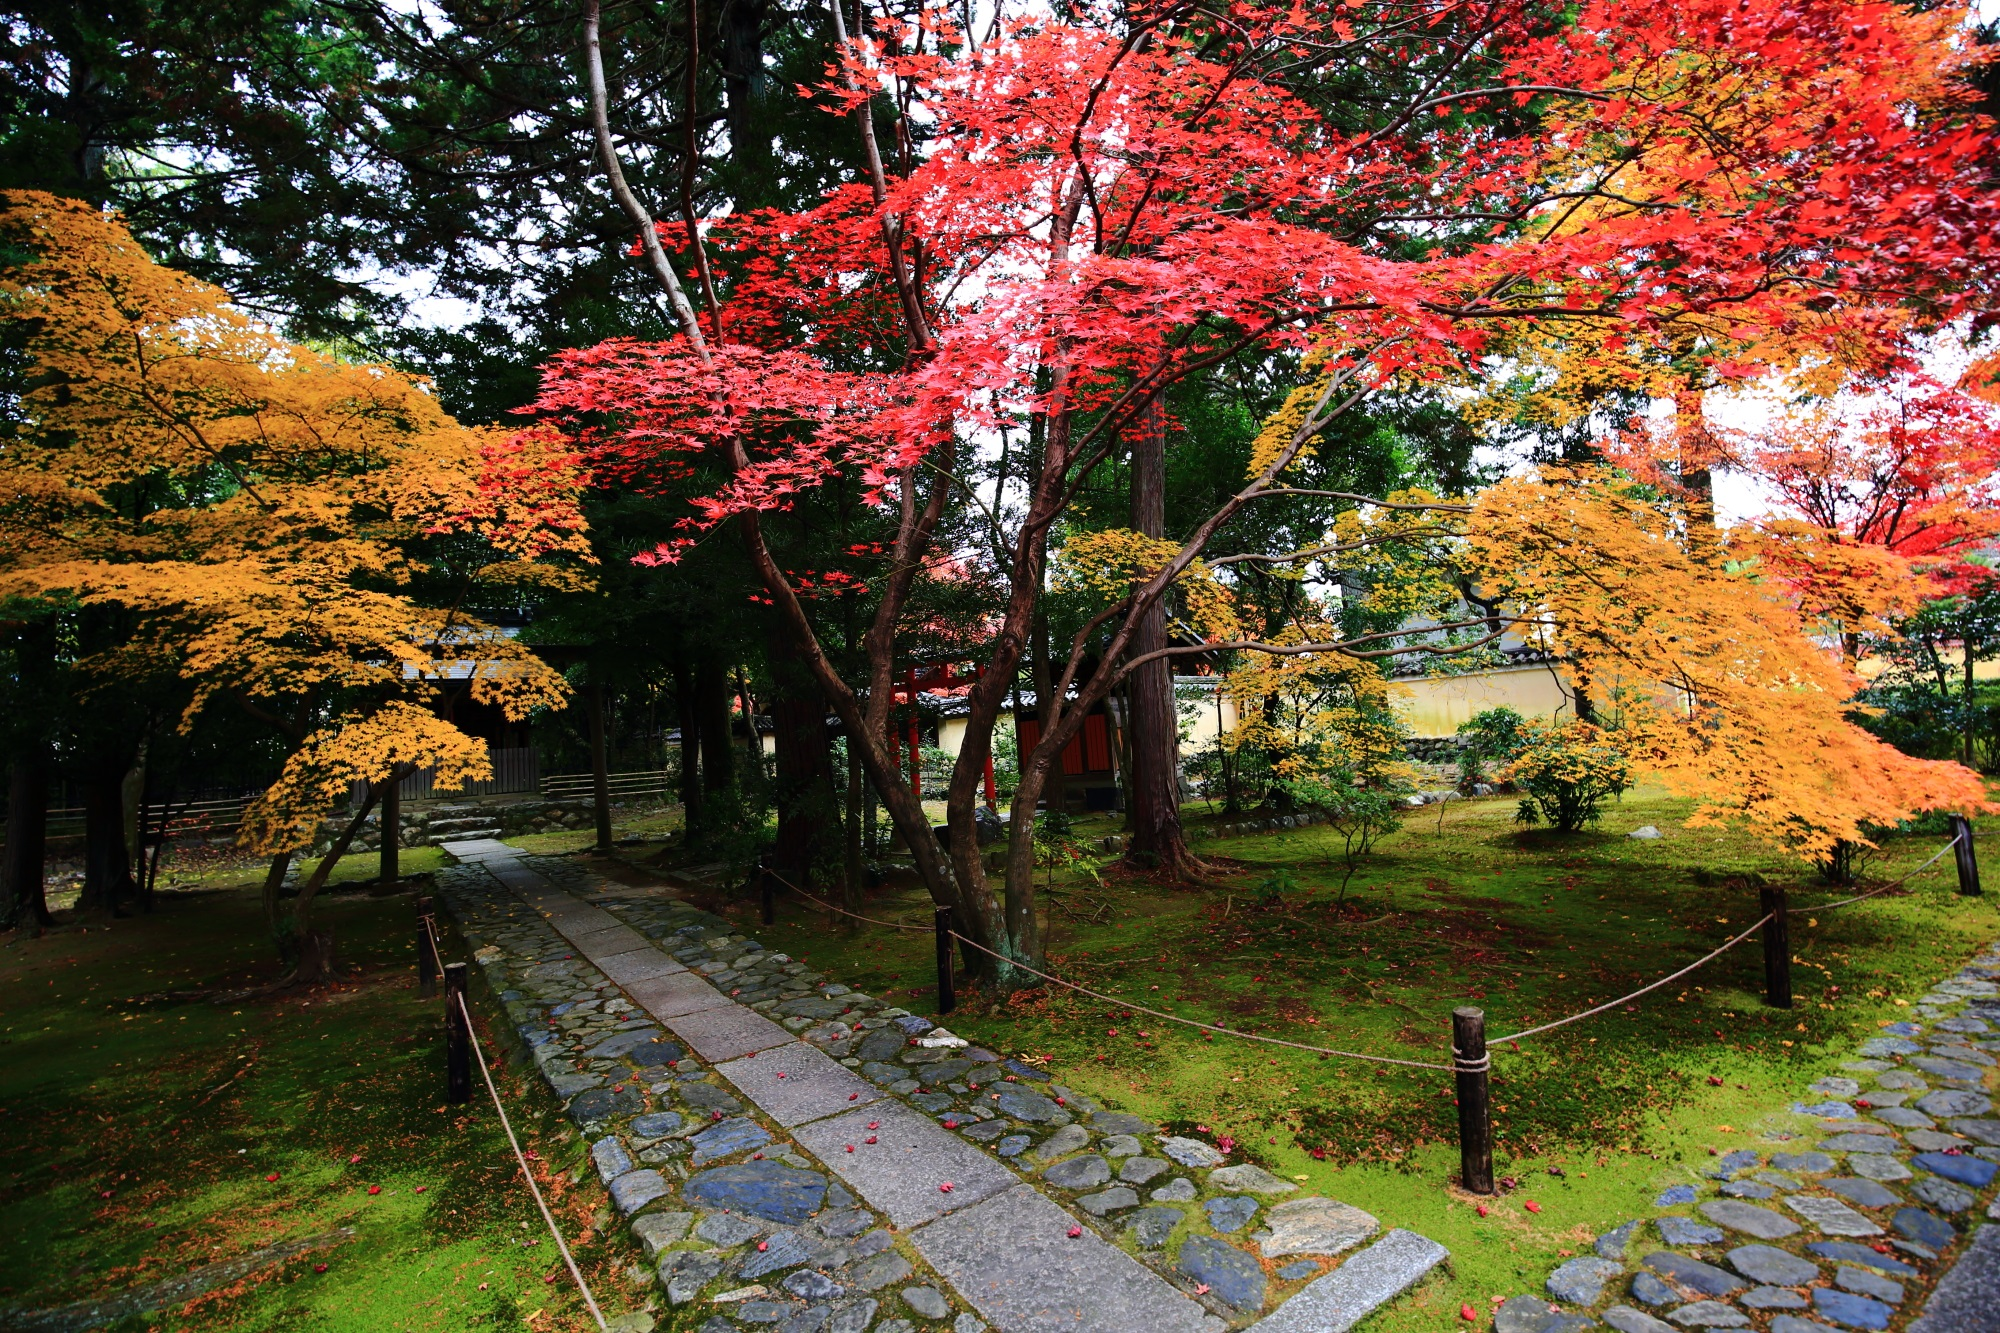 京都の紅葉の名所の鹿王院の鮮やかなもみじ